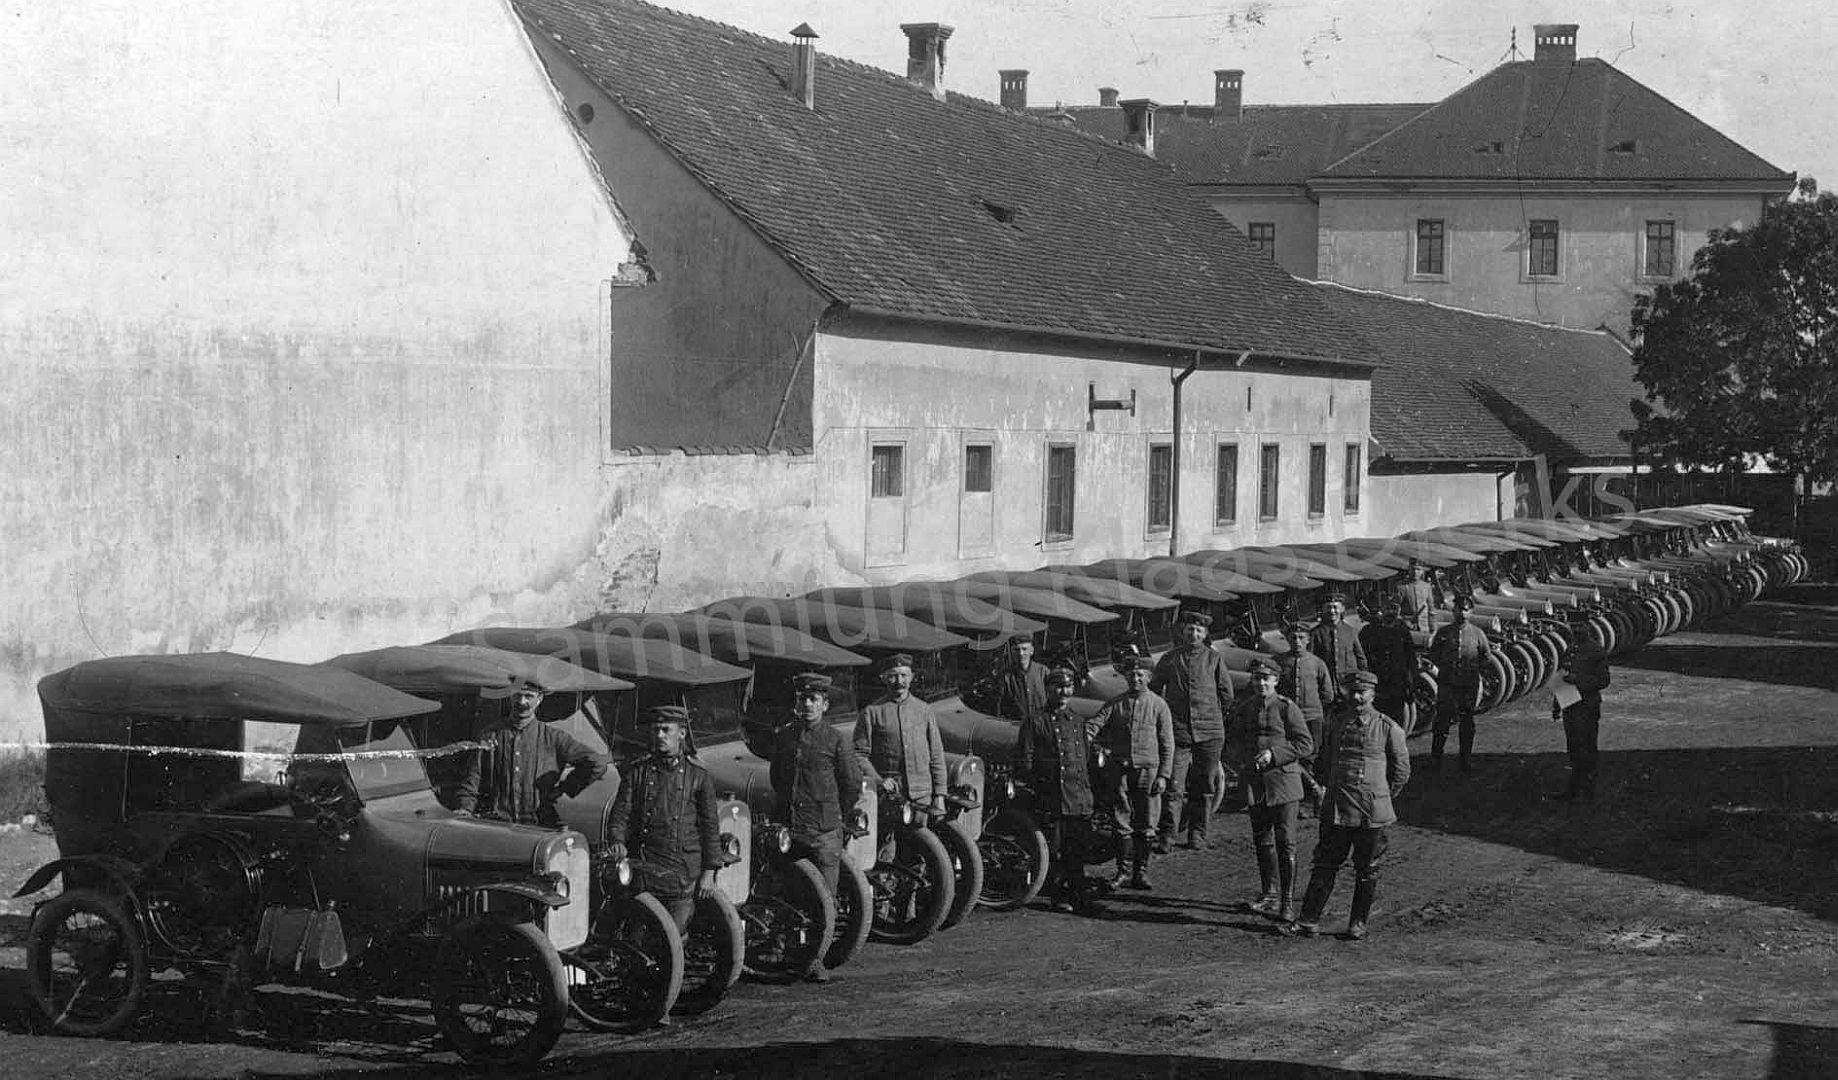 Wanderer_W3_Siebenbürgen_11-1917_Dierks_Galerie